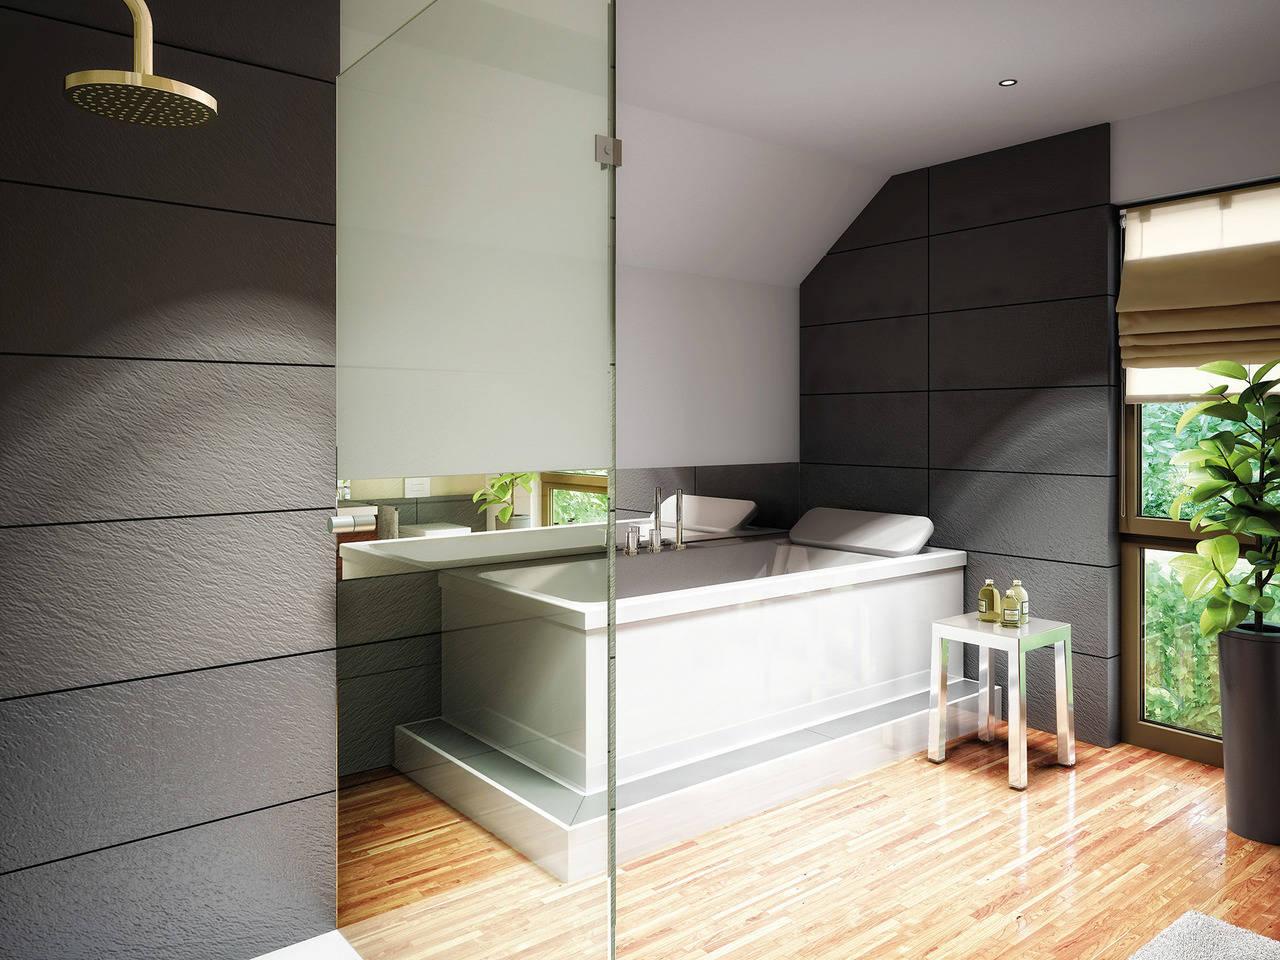 Haus SOLUTION 124 V9 Badezimmer von Living Haus